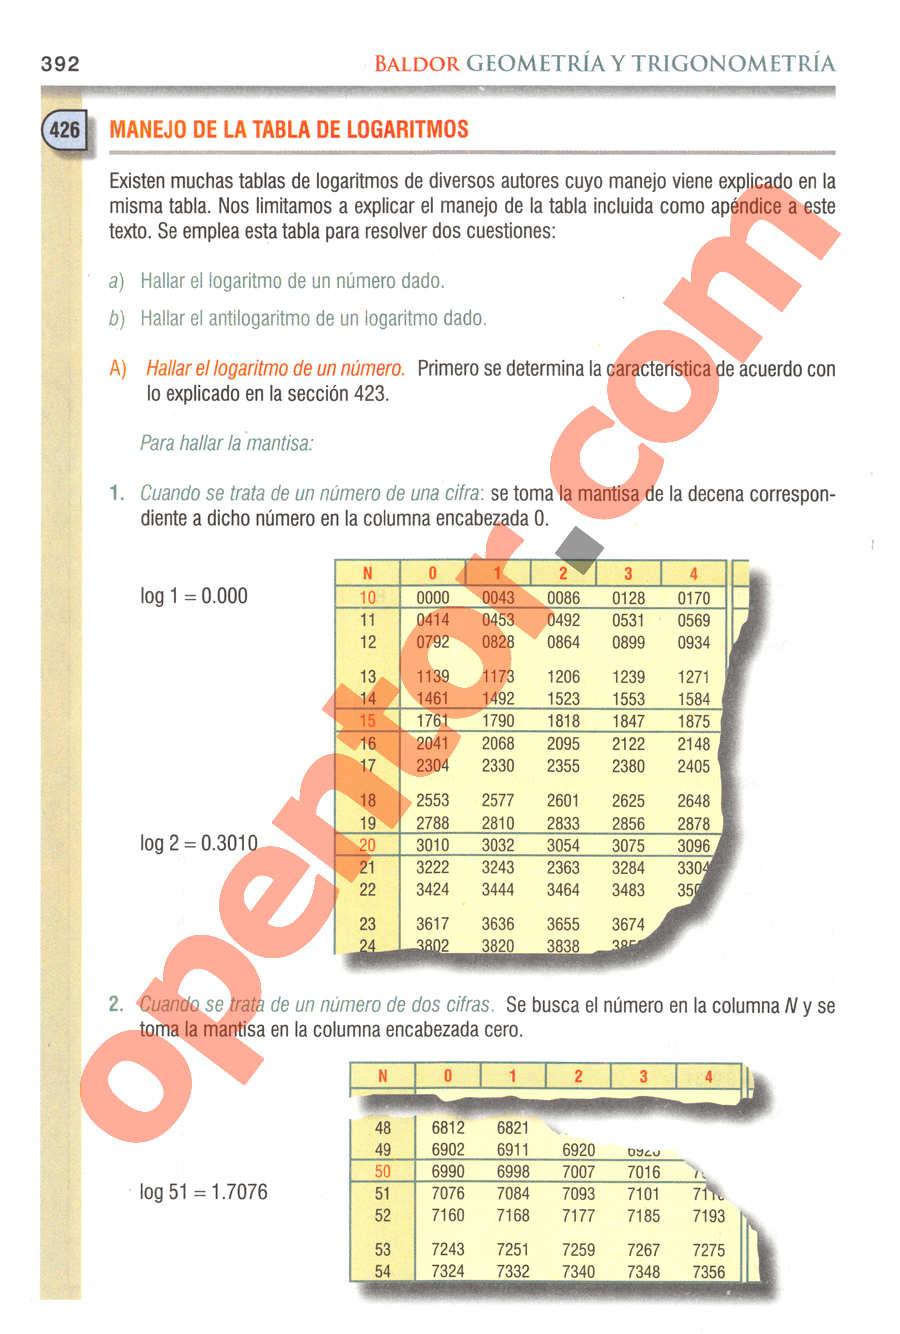 Geometría y Trigonometría de Baldor - Página 392